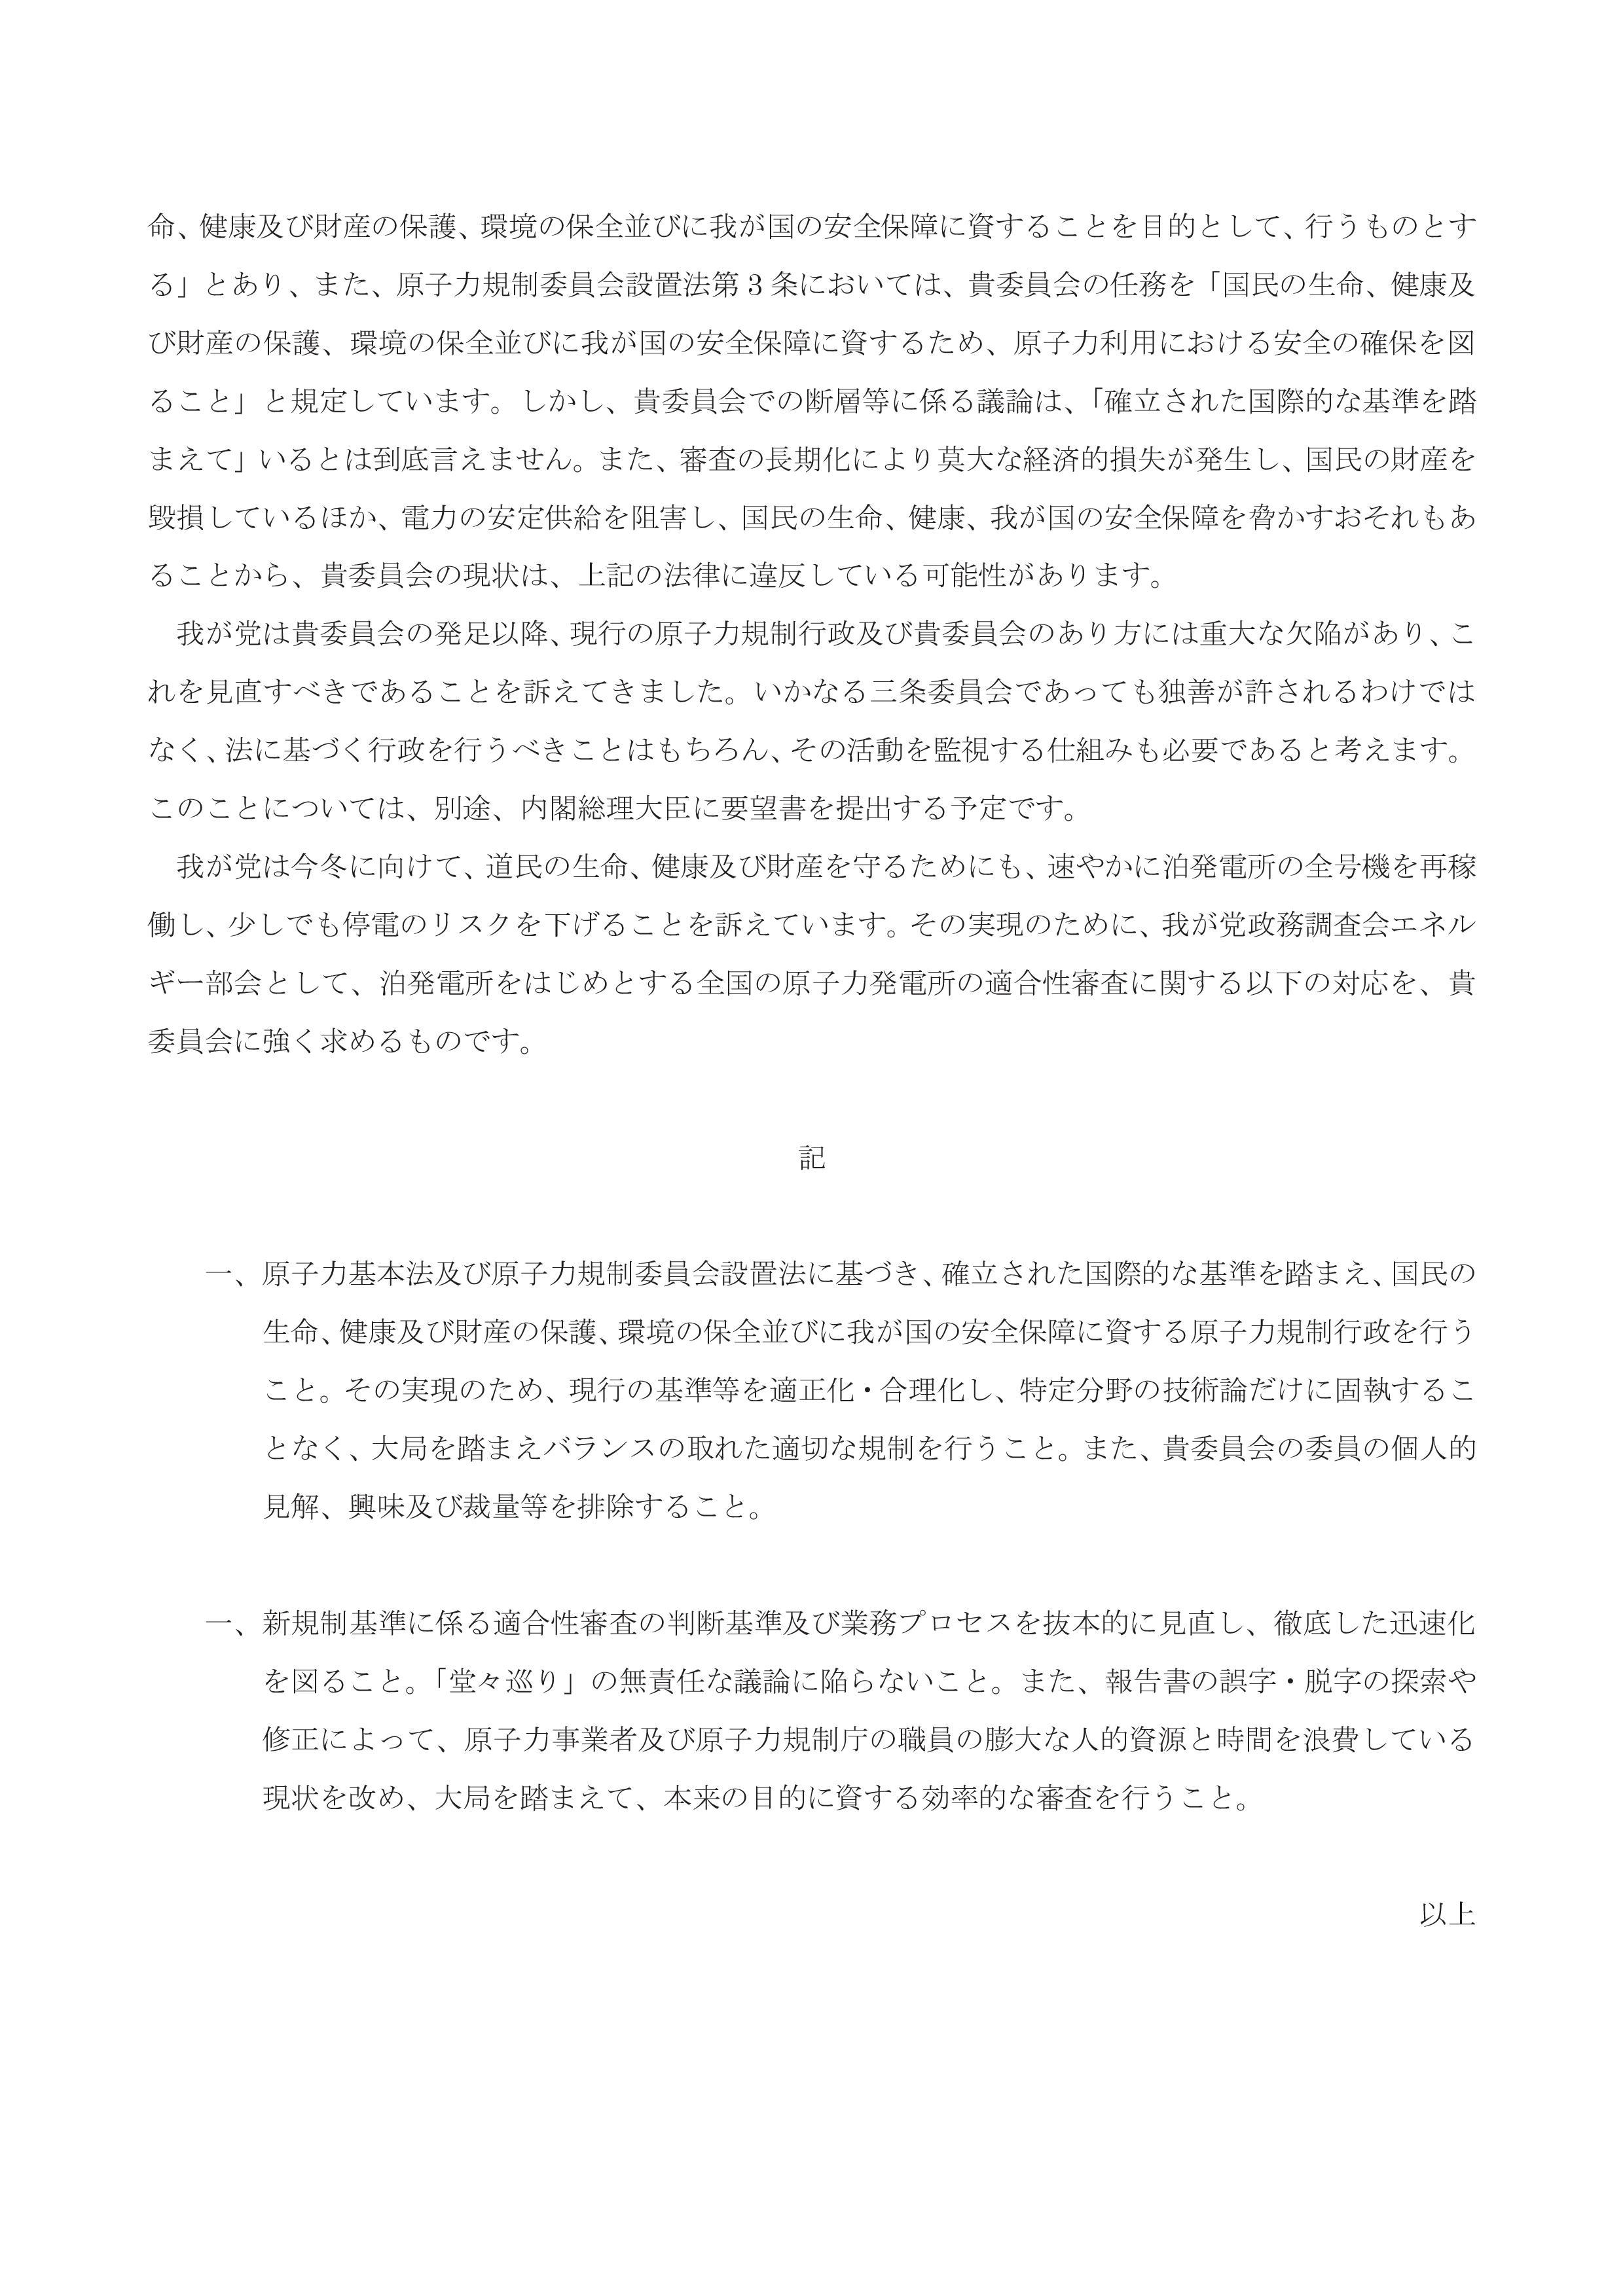 【原子力規制員会宛】要望書-002